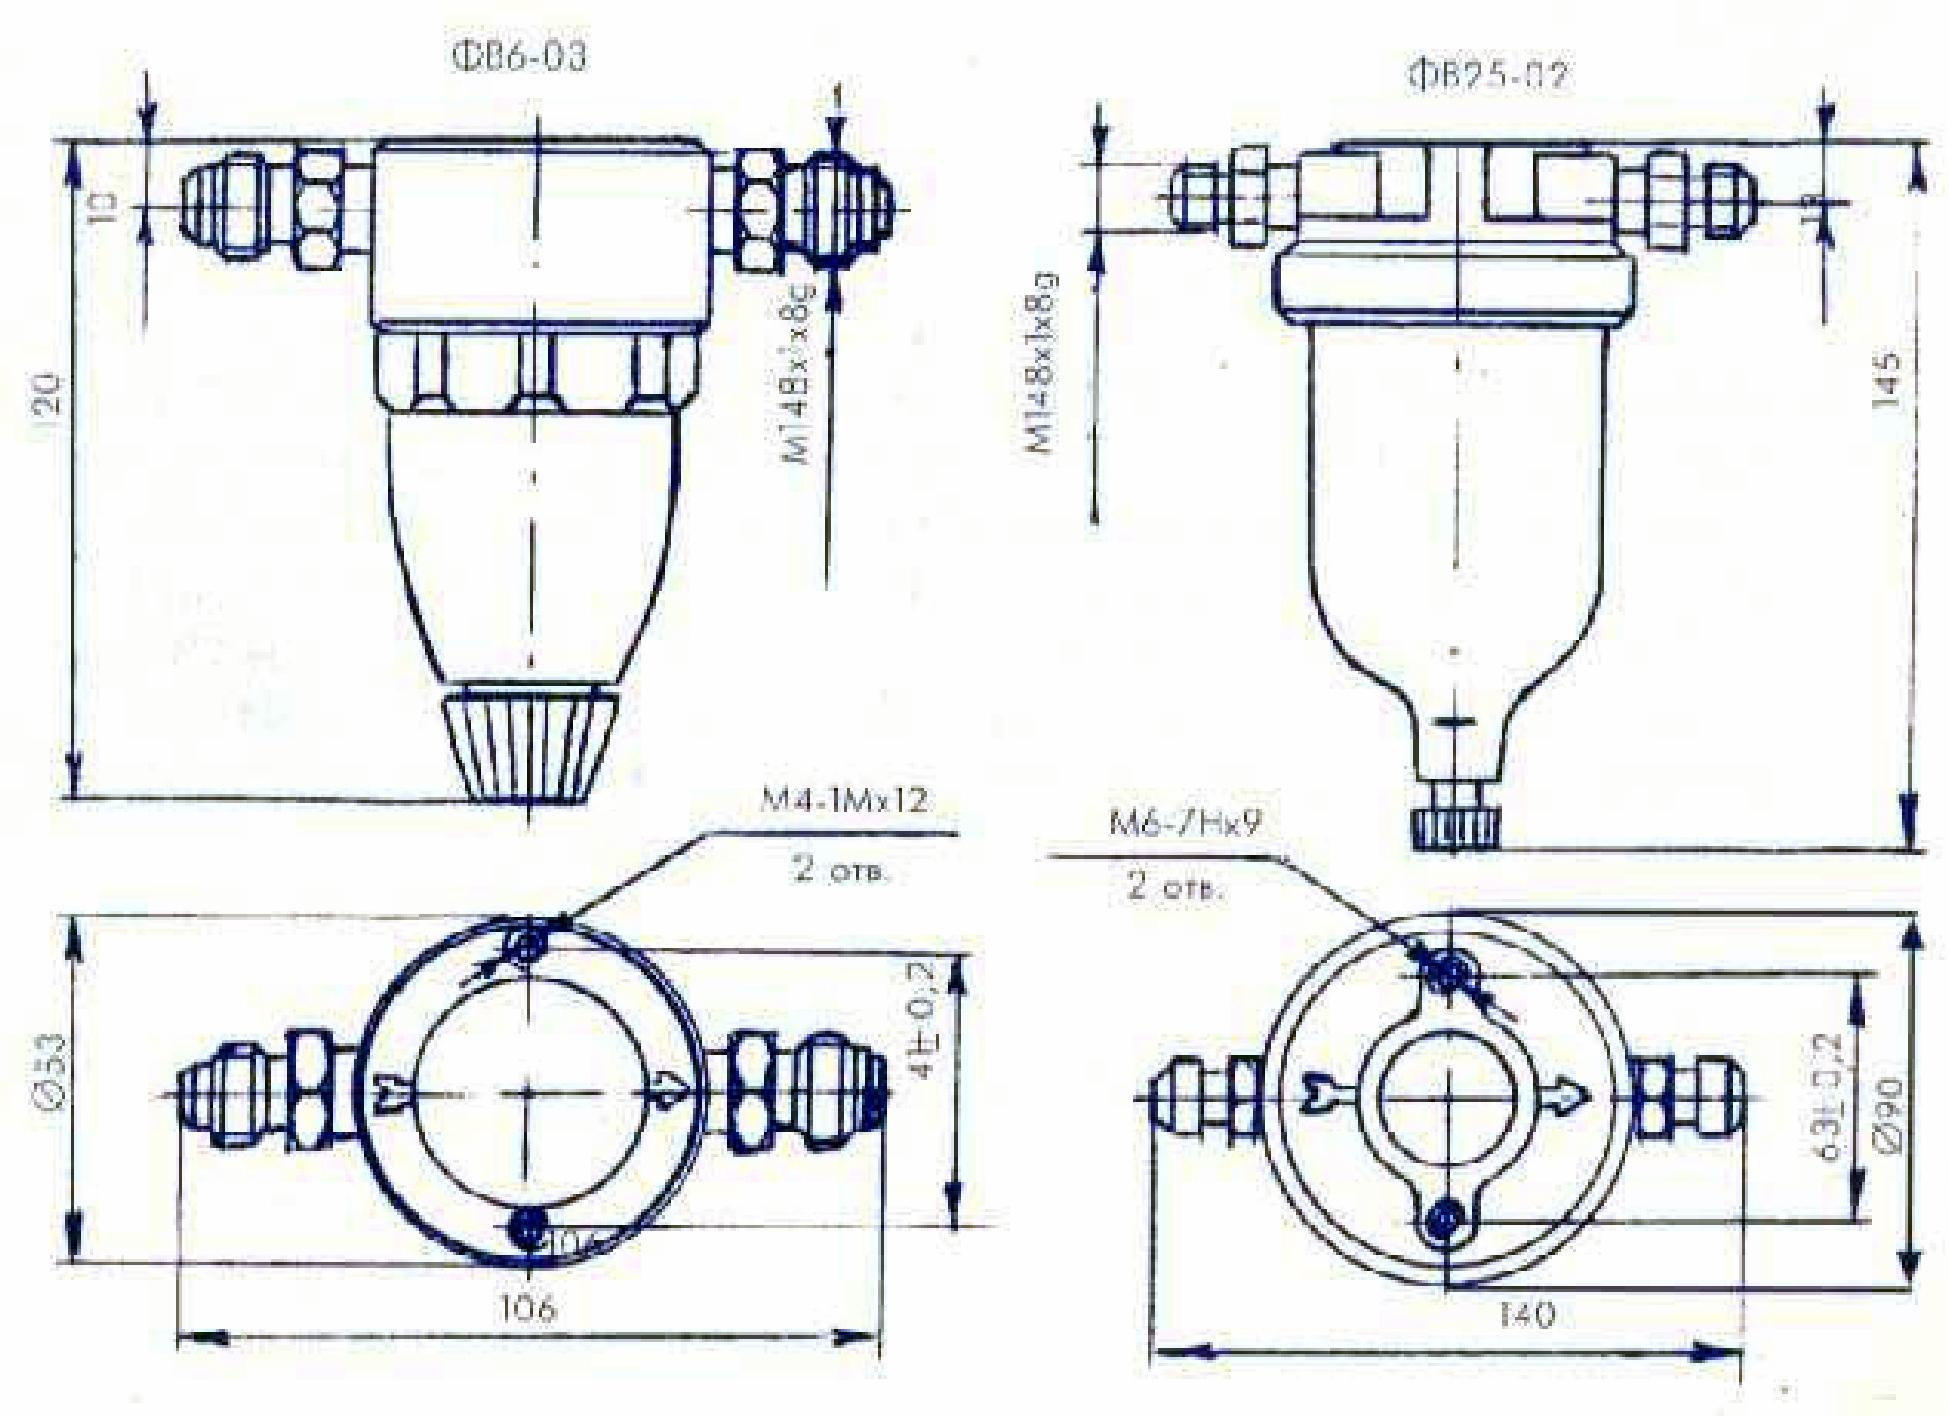 схема переключателя манометров пм. пм2-1